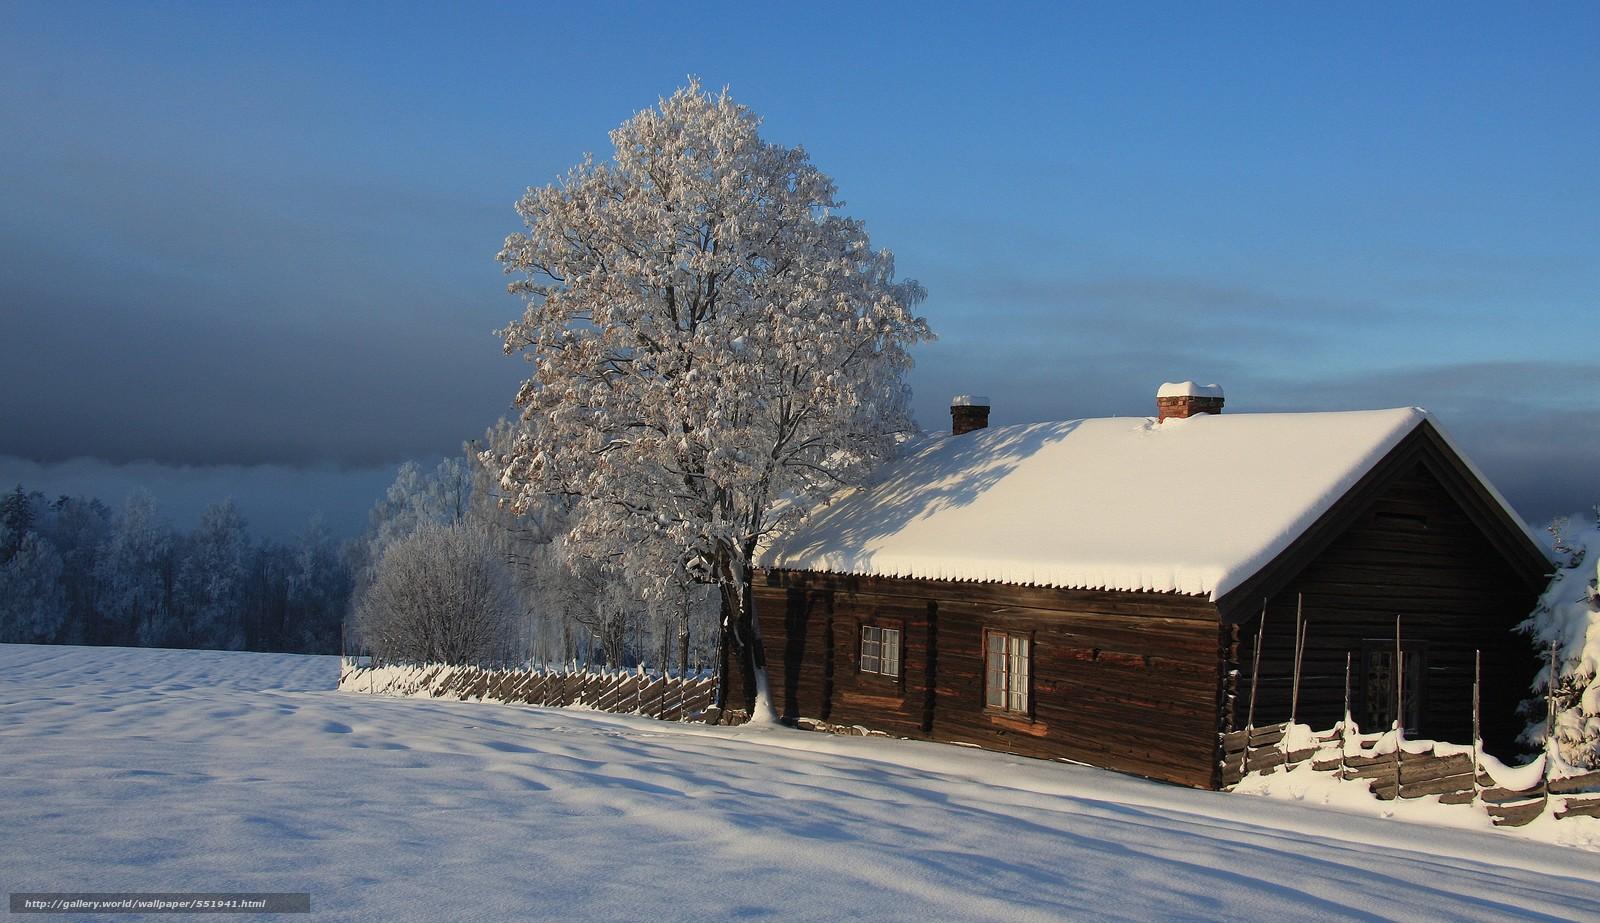 tlcharger fond d 39 ecran hiver maison arbres paysage fonds d 39 ecran gratuits pour votre. Black Bedroom Furniture Sets. Home Design Ideas